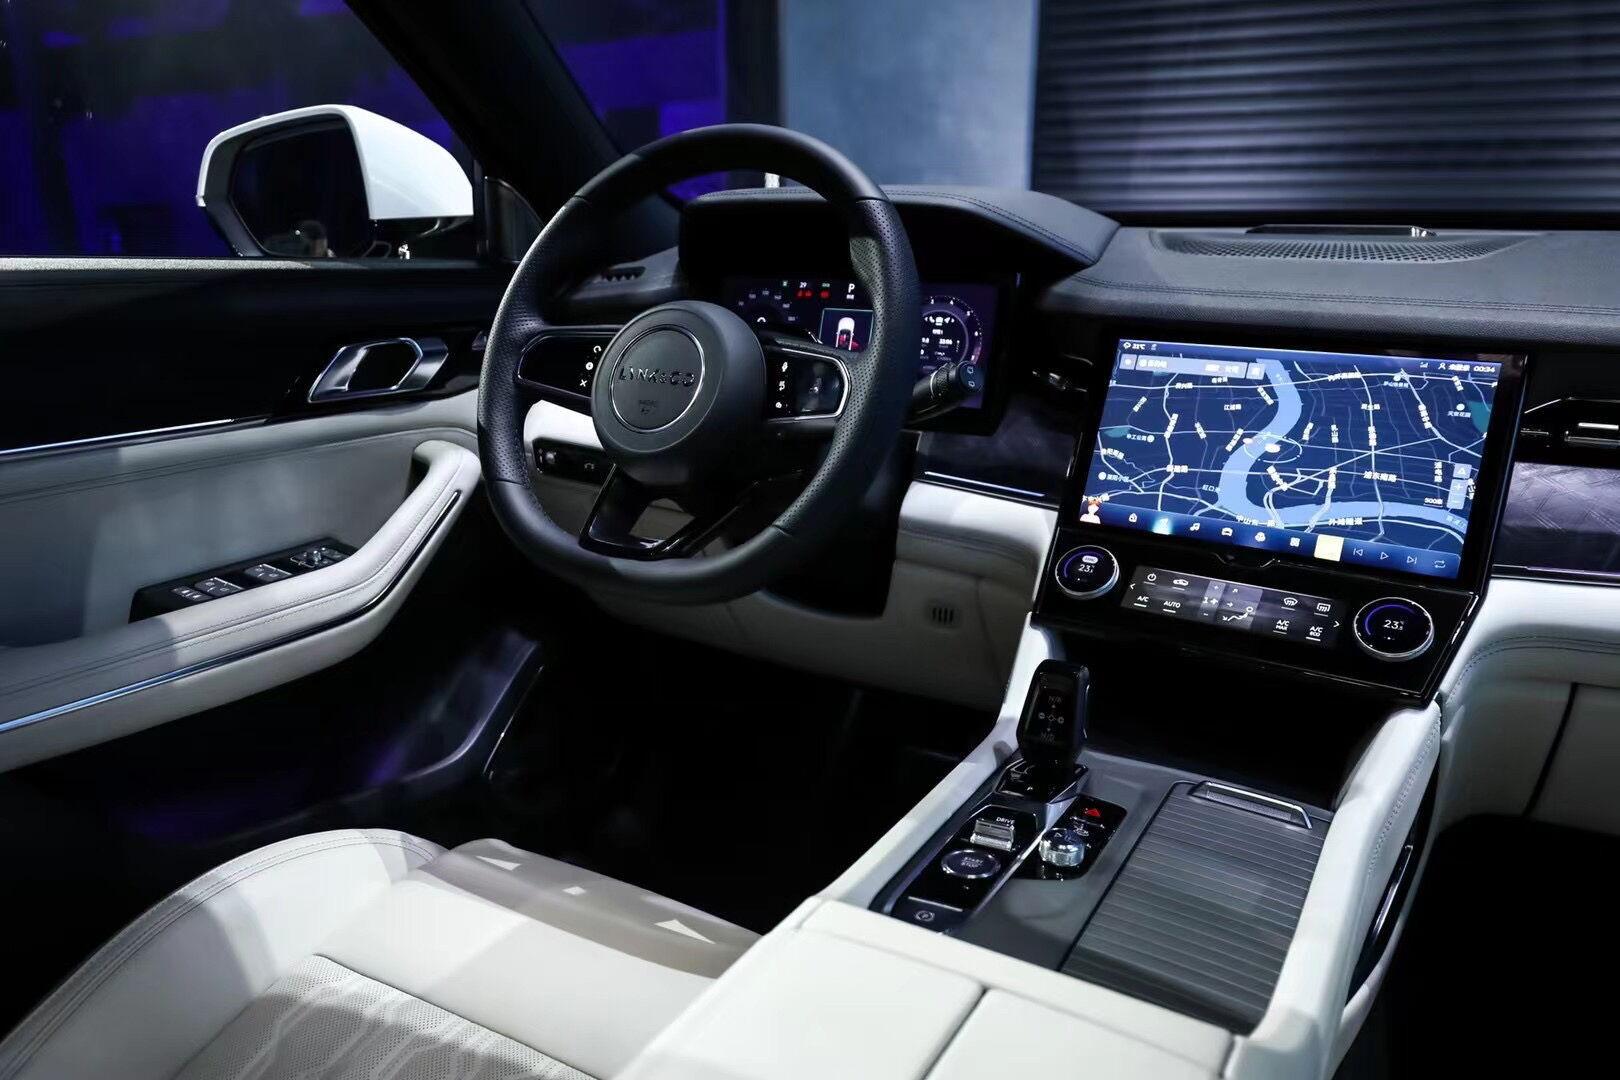 Автомобиль получил цифровой кокпит с большим количеством экранов и дисплеев